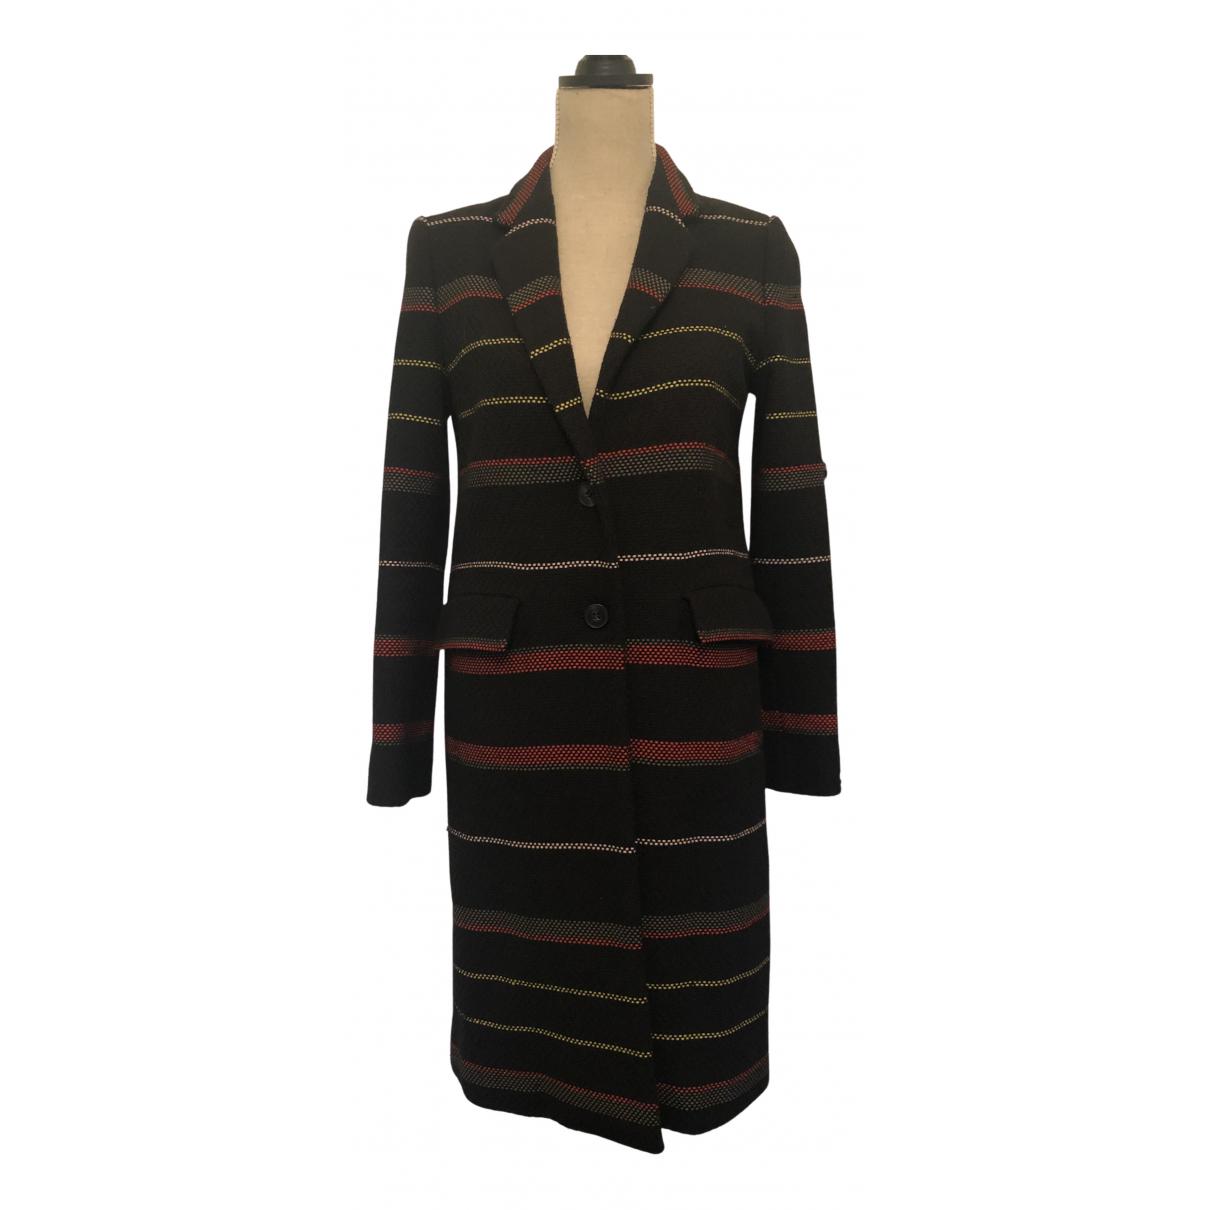 Tommy Hilfiger - Manteau   pour femme - multicolore